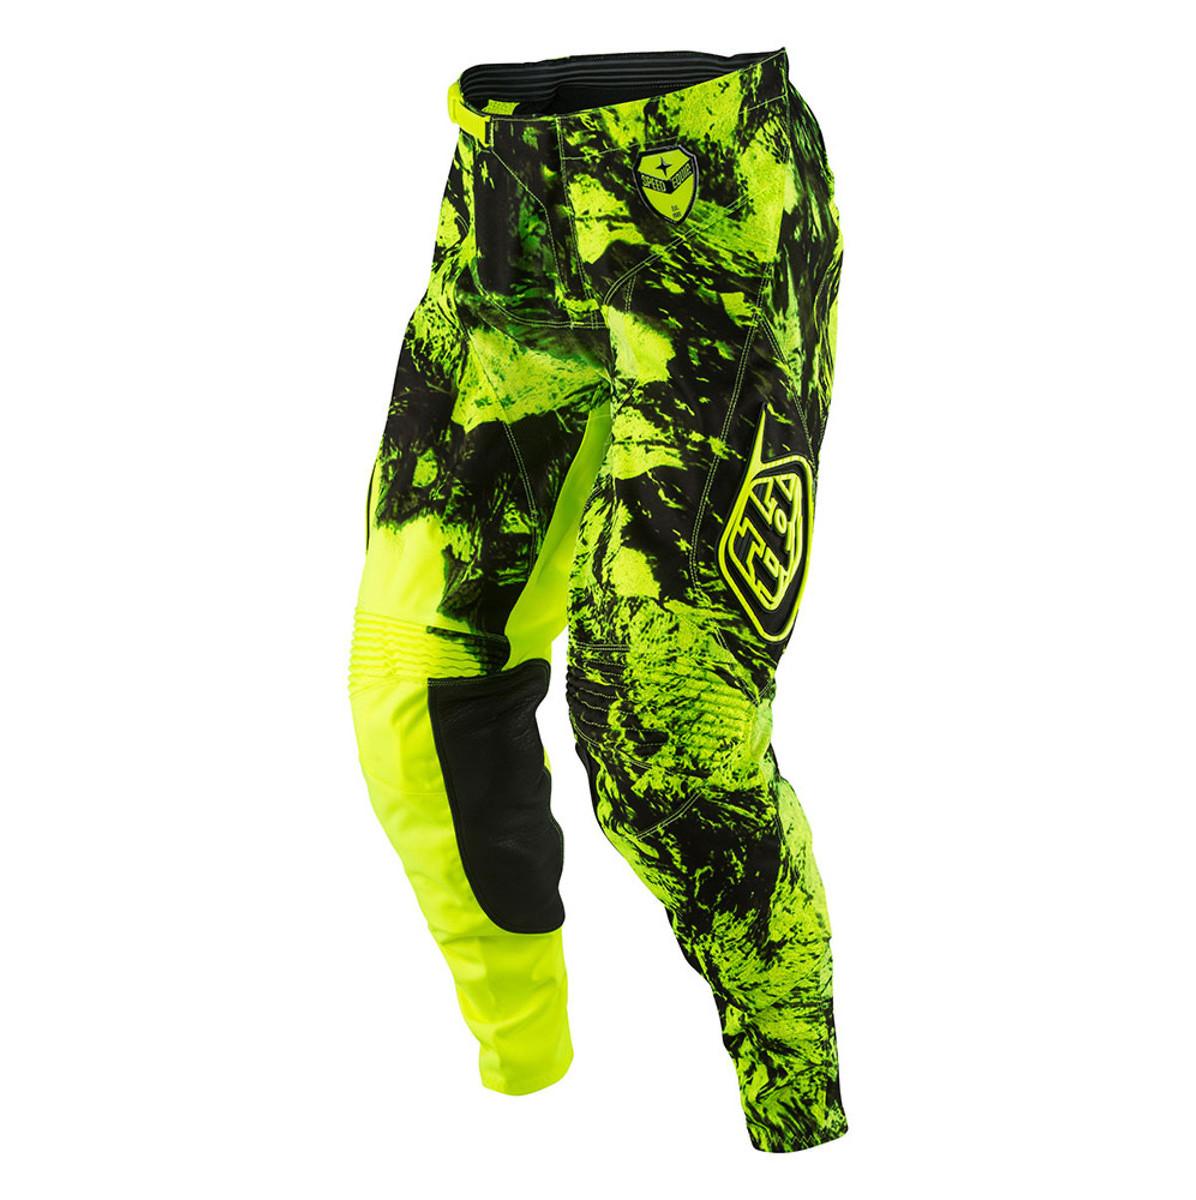 Troy Lee Designs SE Gravity Pants Troy Lee Designs SE Gravity Yellow